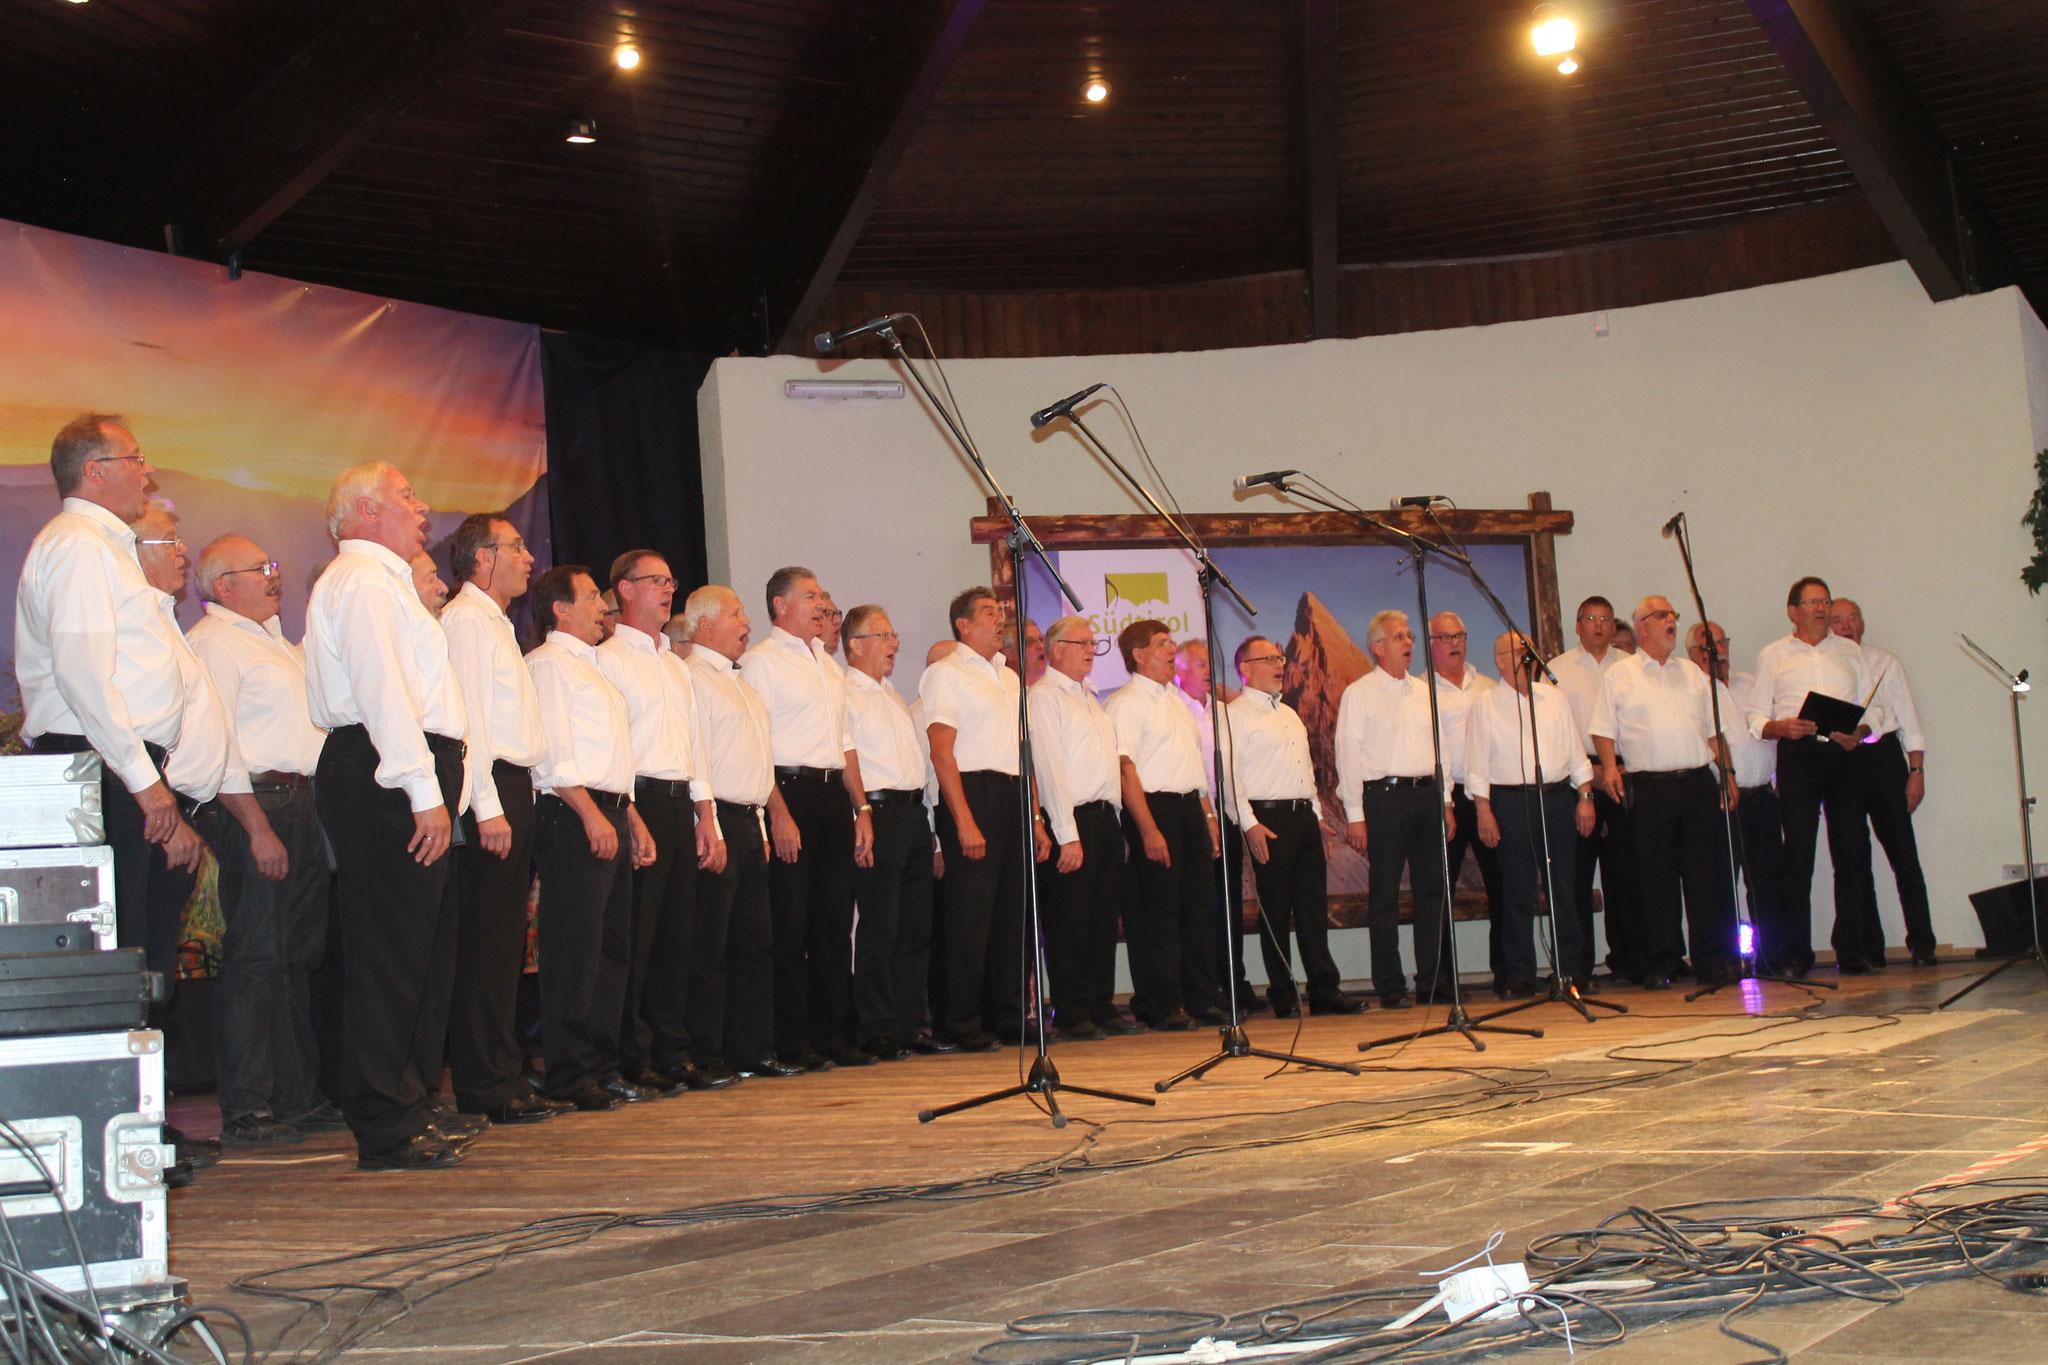 Die Sänger der Chorgemeinschaft Hans- Joachim Schlaud bei den Liedvorträgen